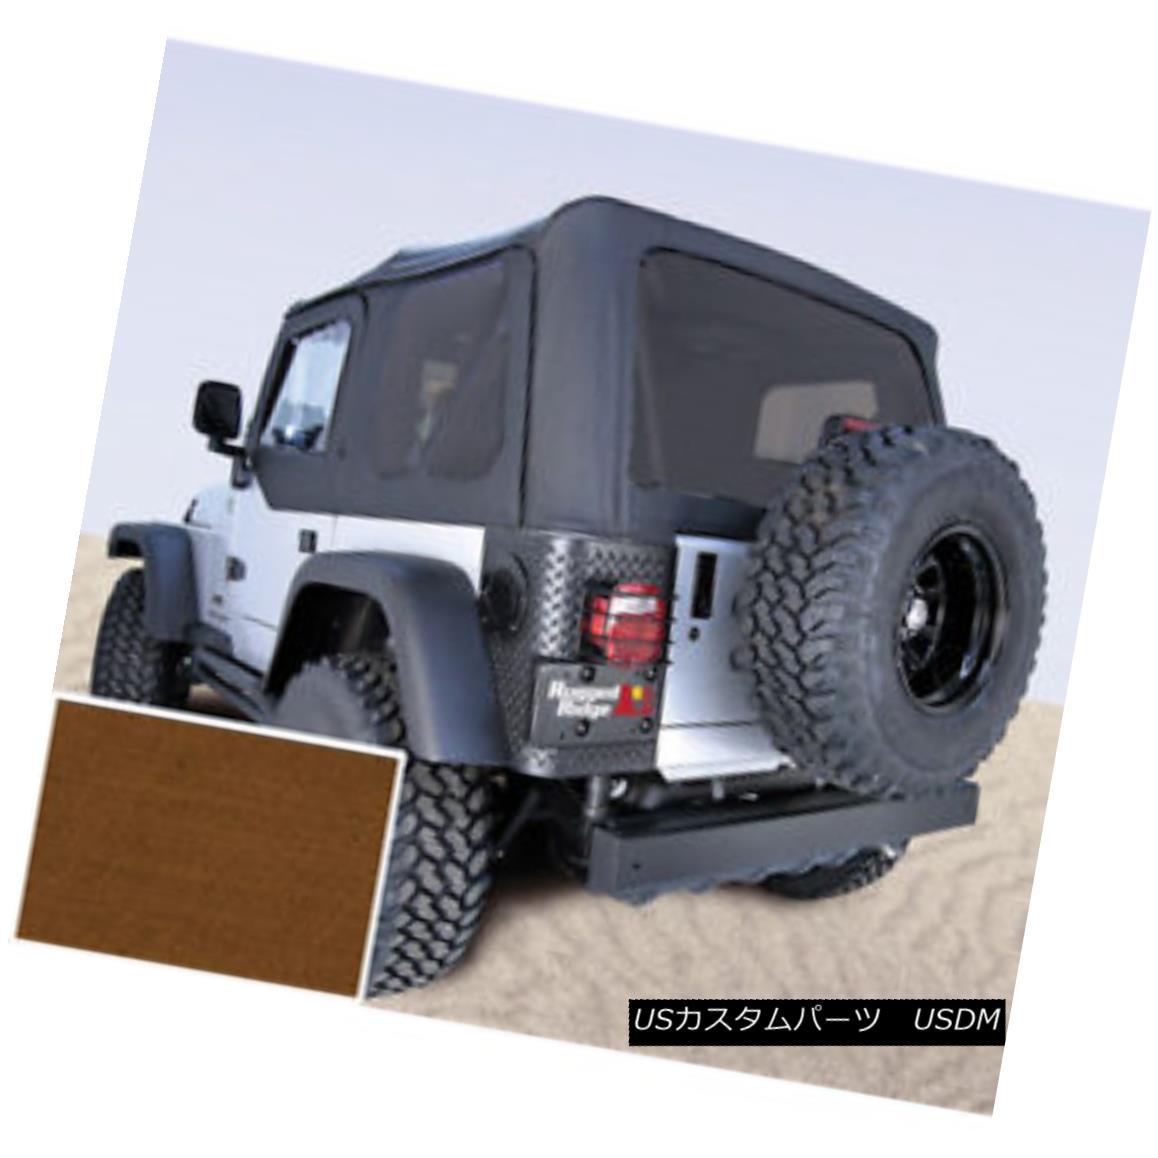 幌・ソフトトップ Rugged Ridge 13706.33 Soft Top Dark Tan Tinted Windows 97-02 Jeep Wrangler 頑丈なリッジ13706.33ソフトトップダークタンティントドWindows 97-02ジープラングラー